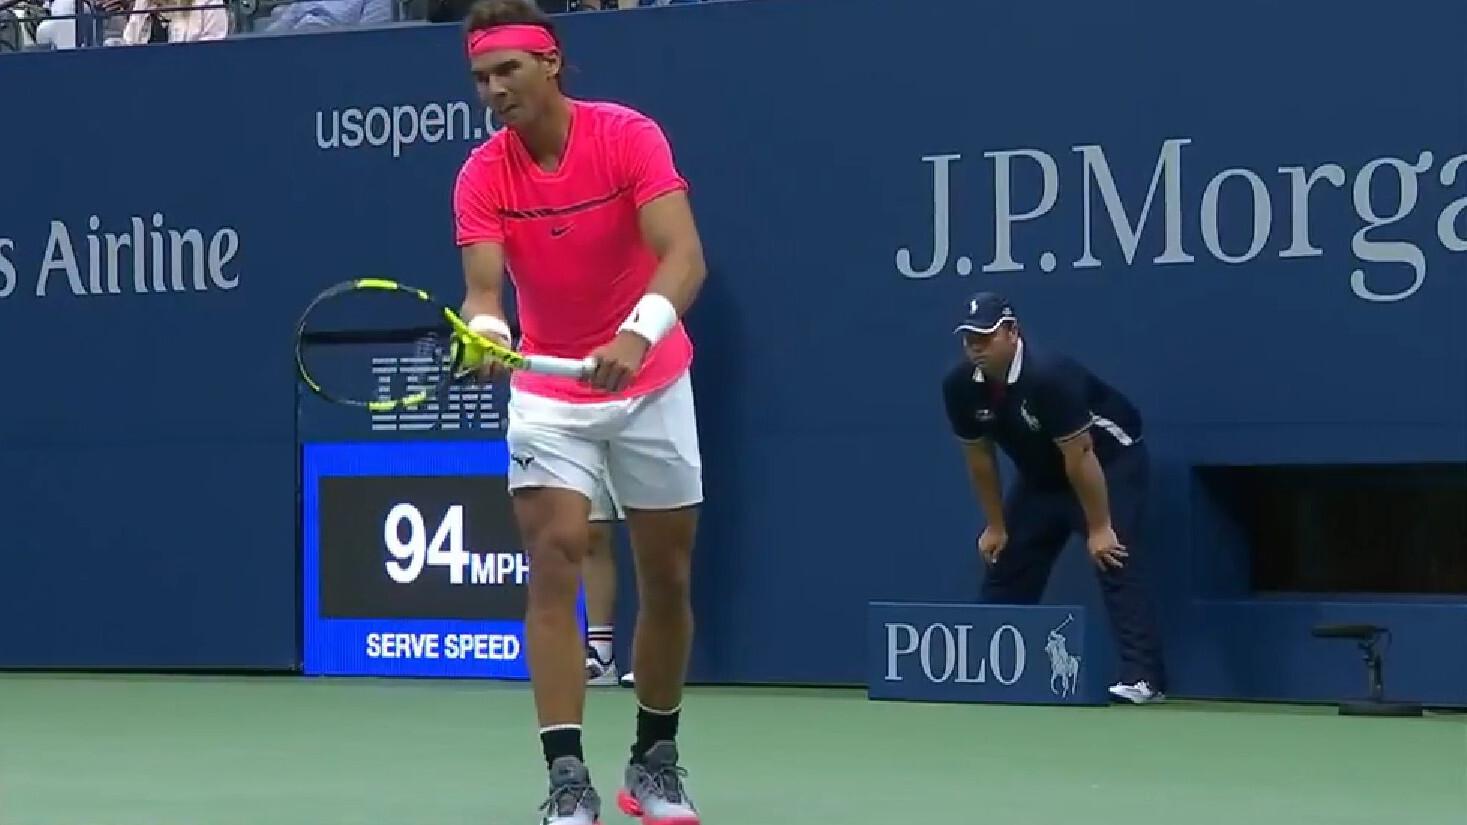 Tennistoernooi Us Open 2018 Live Op Tv